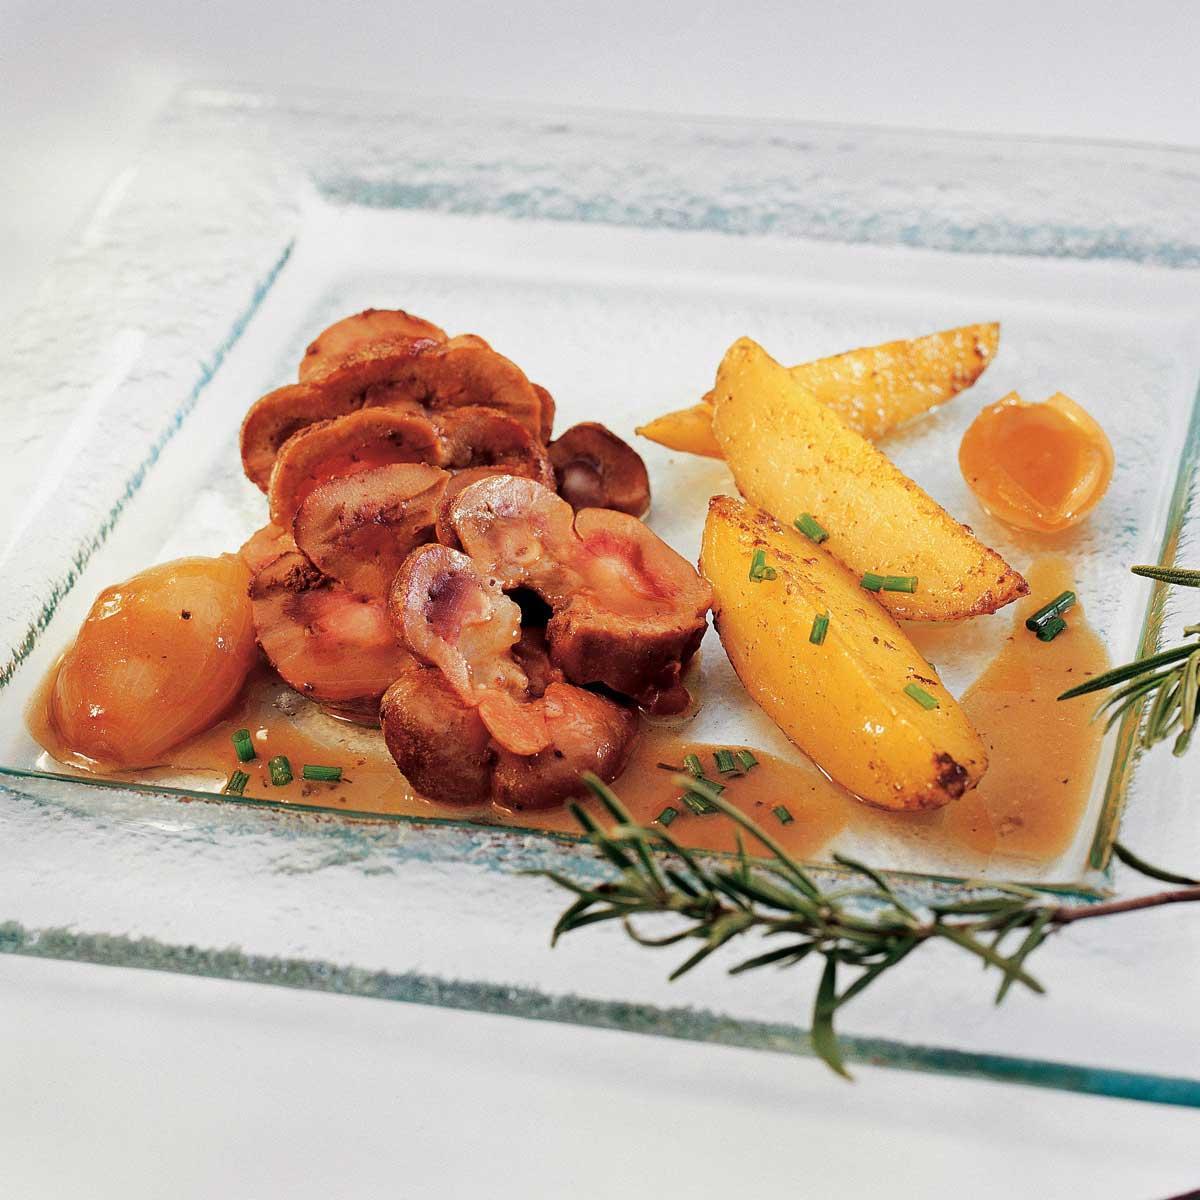 Recette minc de rognon de veau cuisine madame figaro - Cuisiner rognons de veau ...